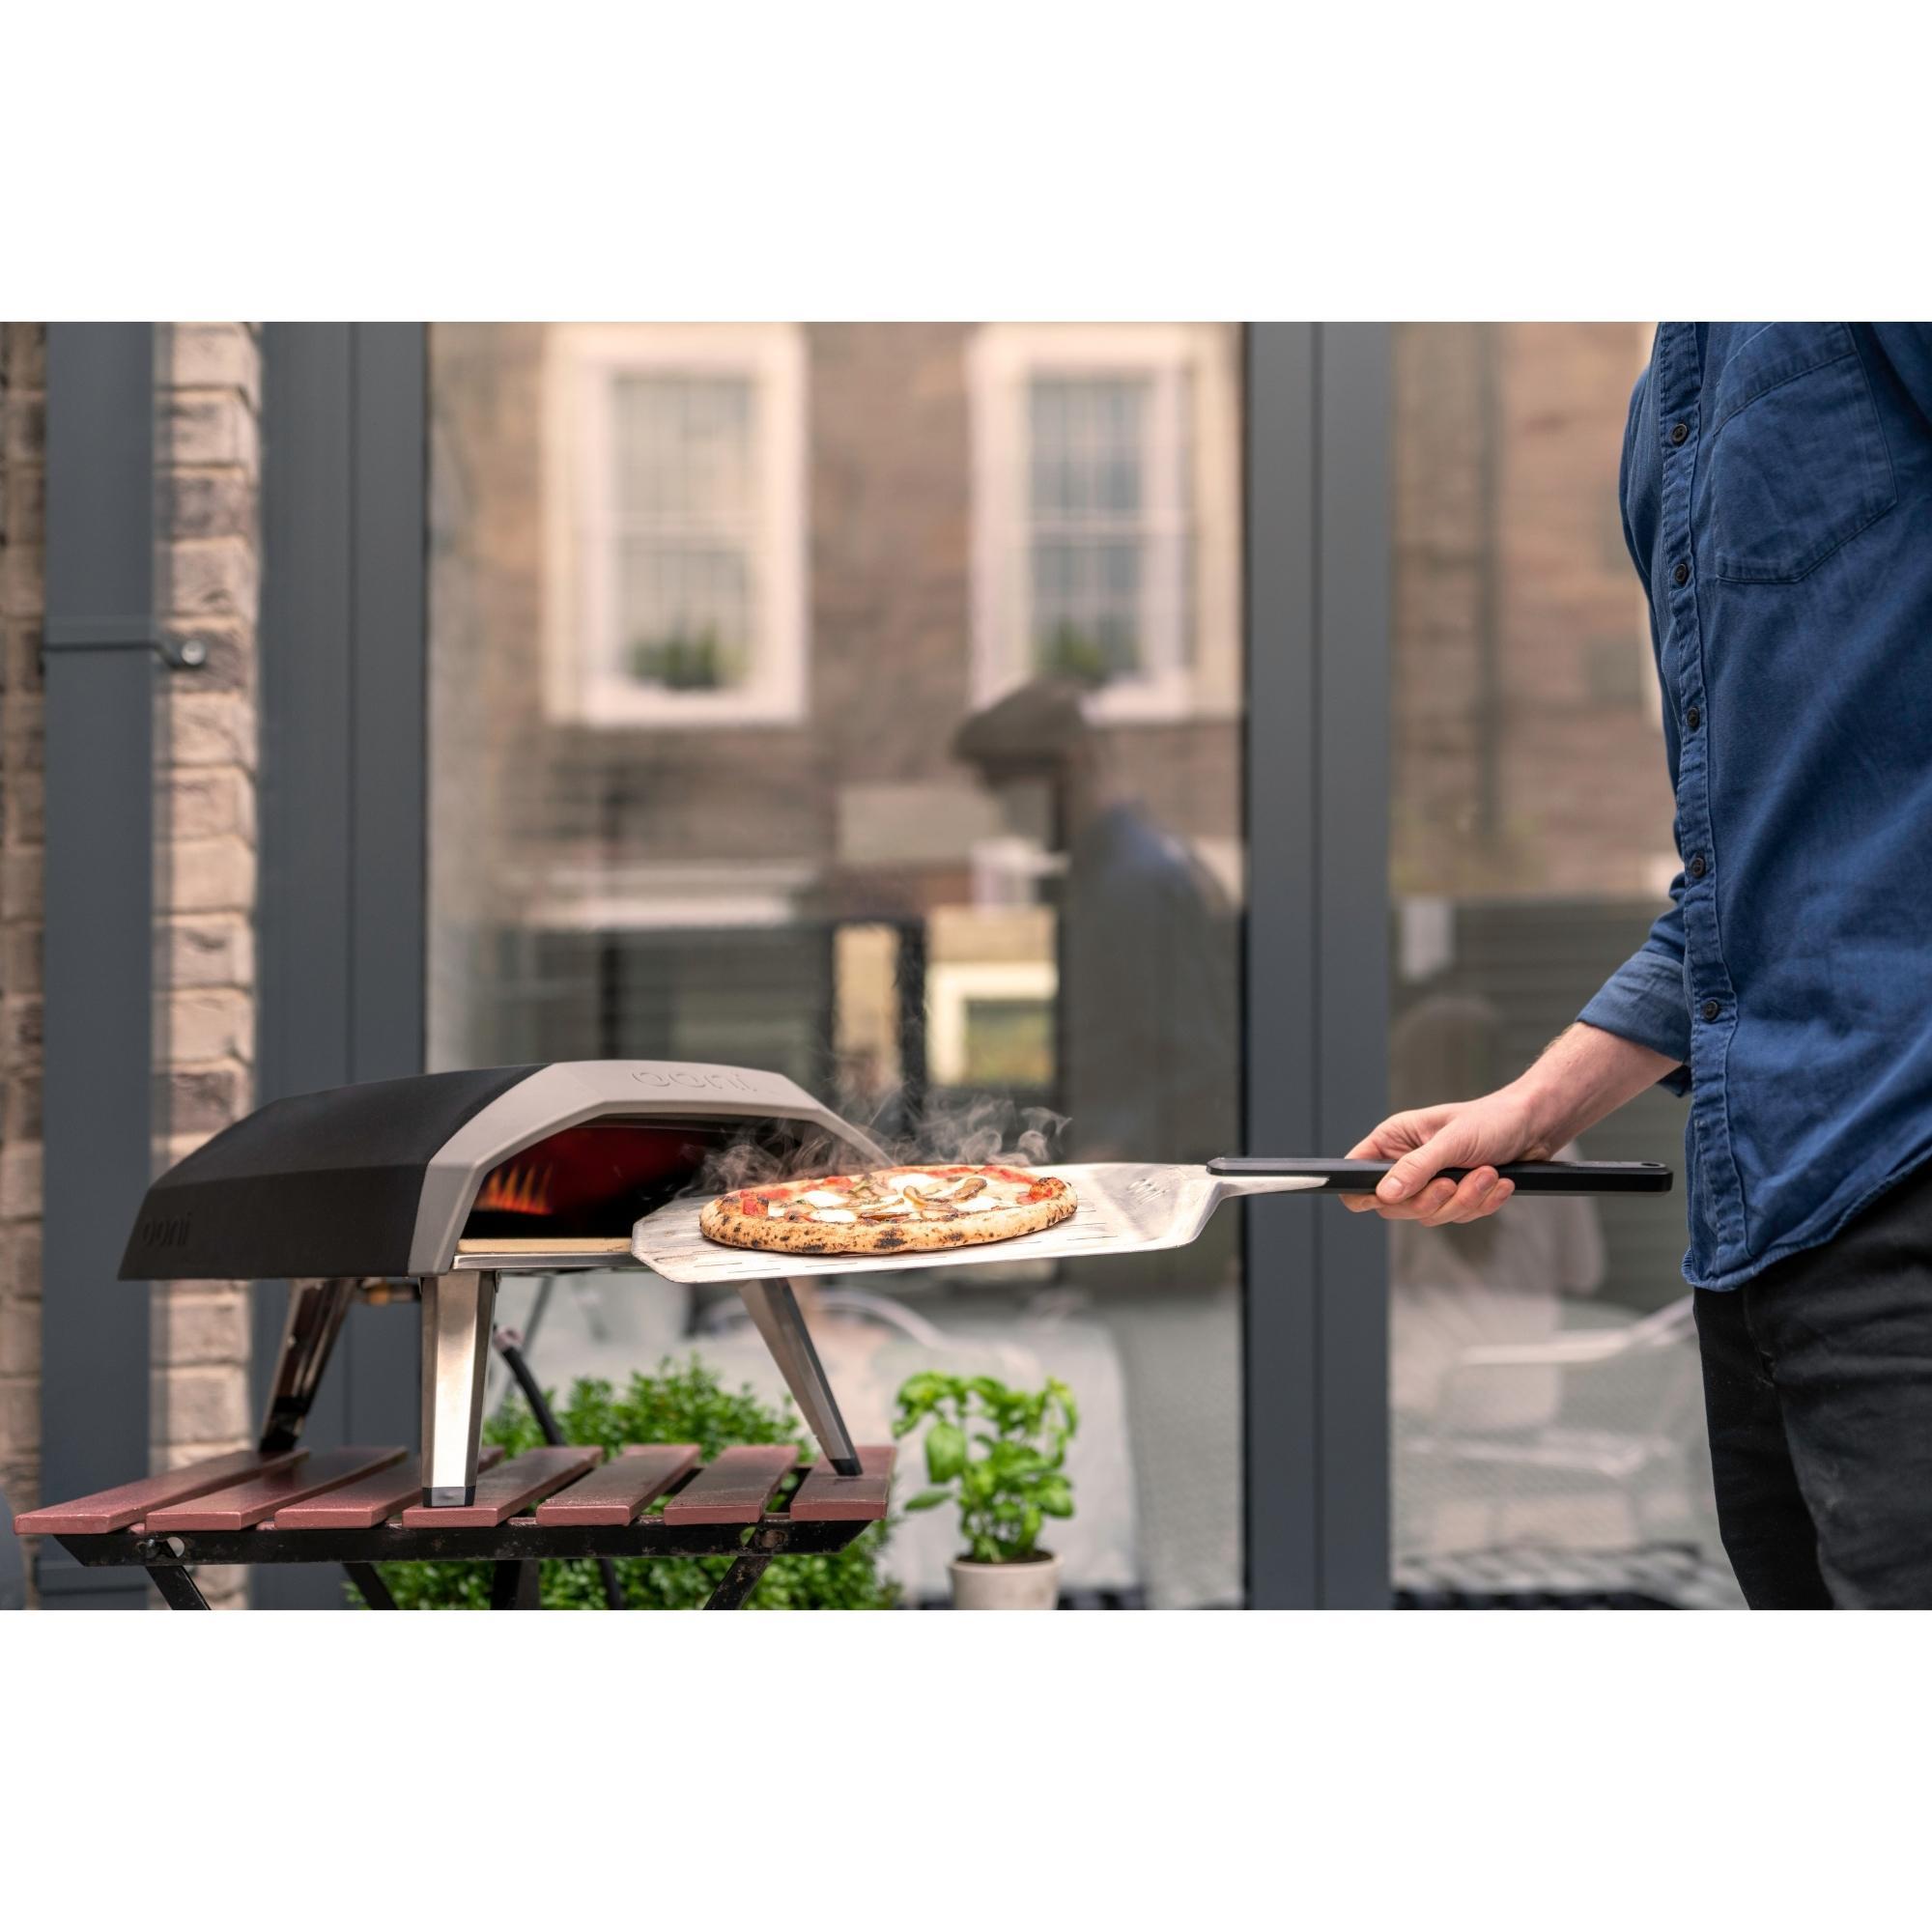 Forno de Pizza a Gás Ooni Koda 12  - Sua Casa Gourmet e Cia